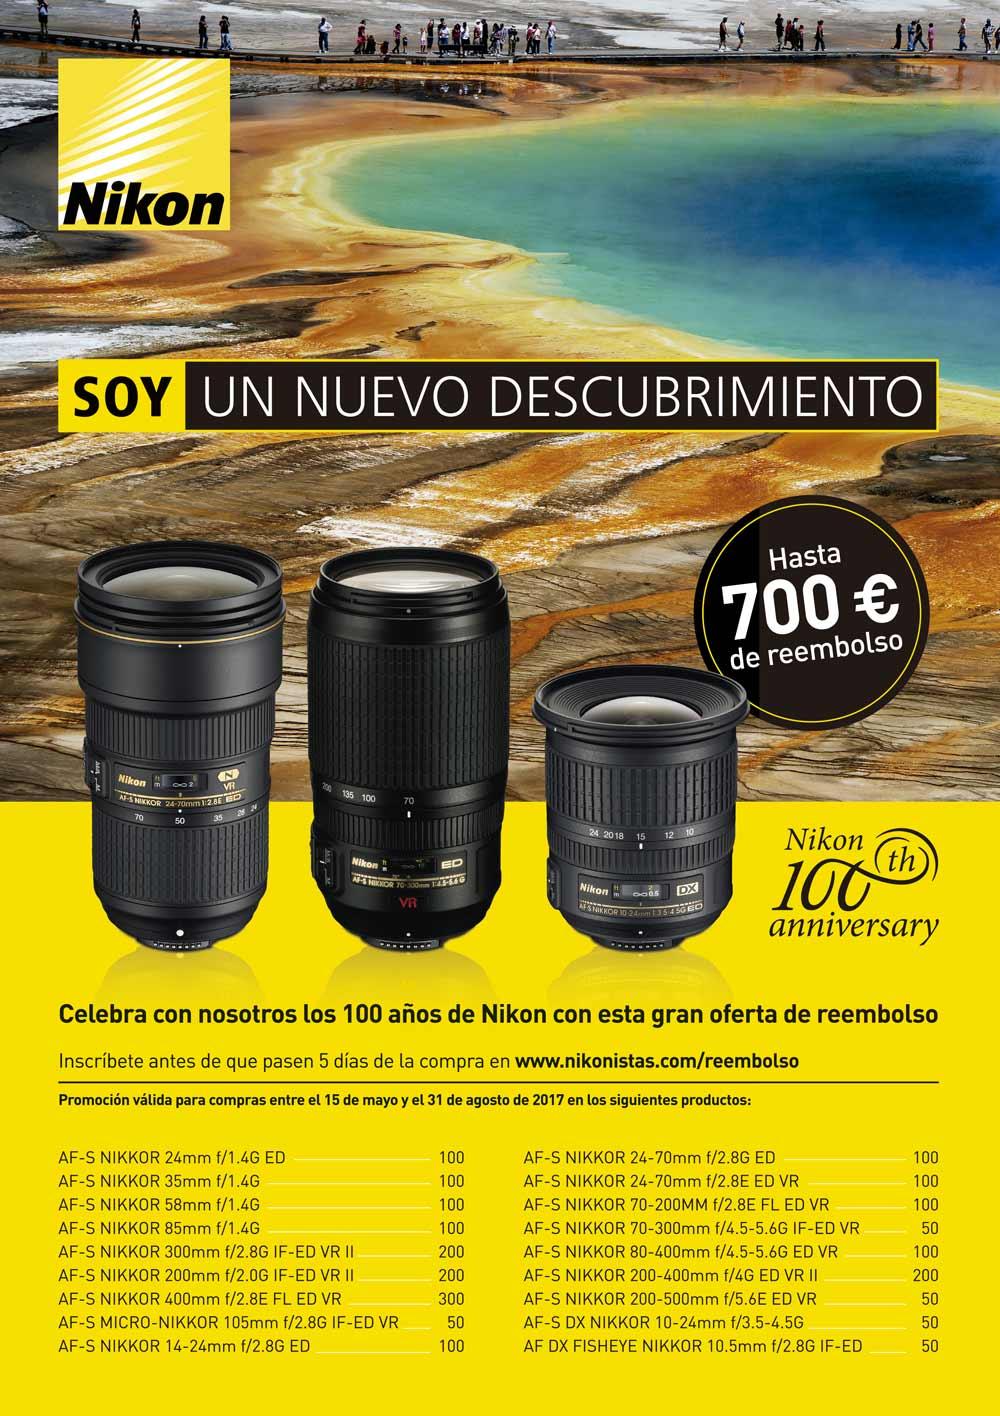 Promoción Reembolso Nikon Verano 2017